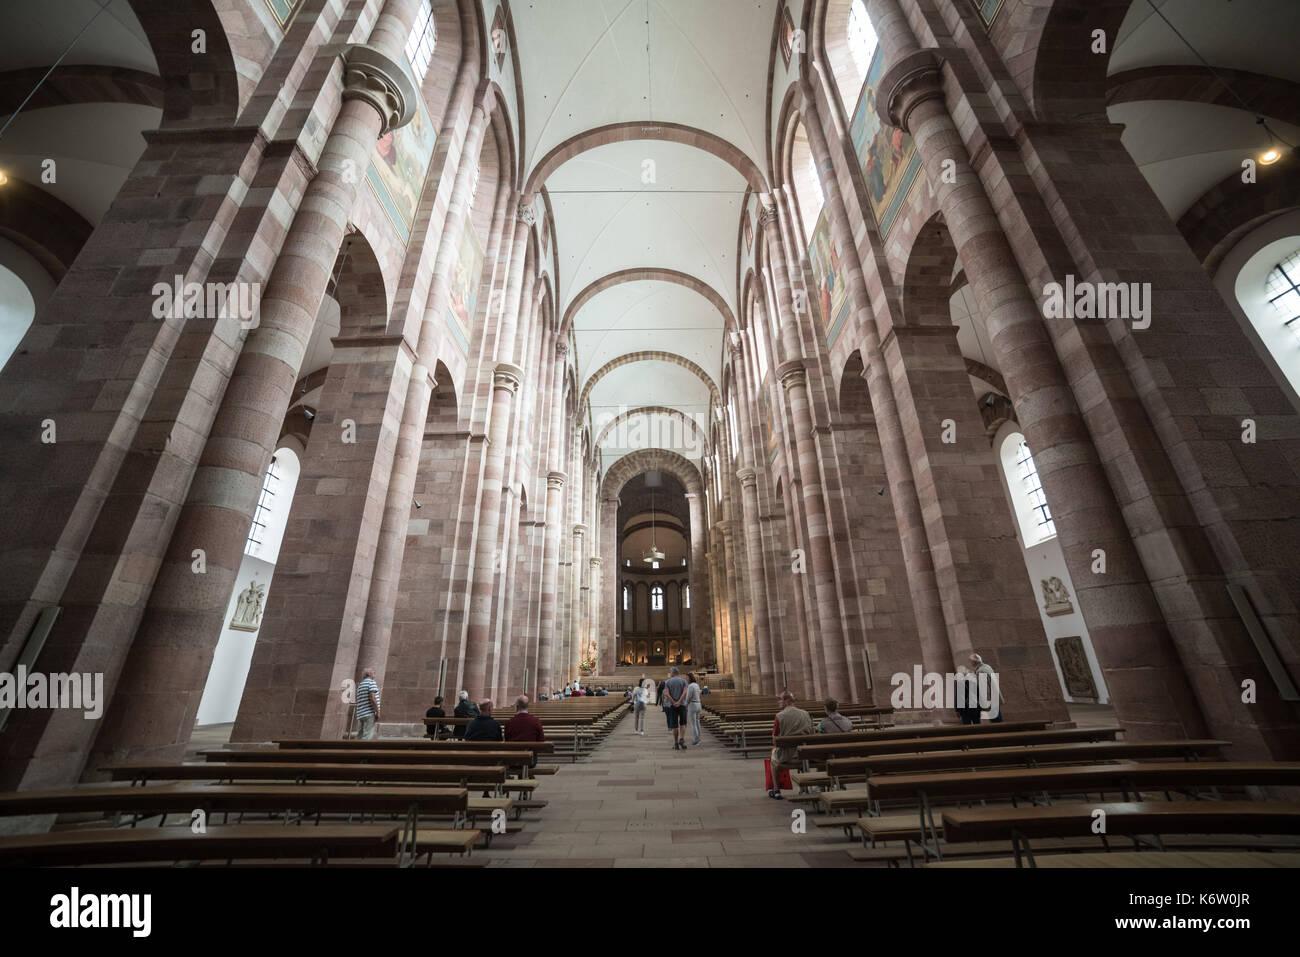 Reisen, Deutschland, Rheinland-Pfalz, Speyer, Innenstadt, September 04. Innenaufnahme - Stock Image